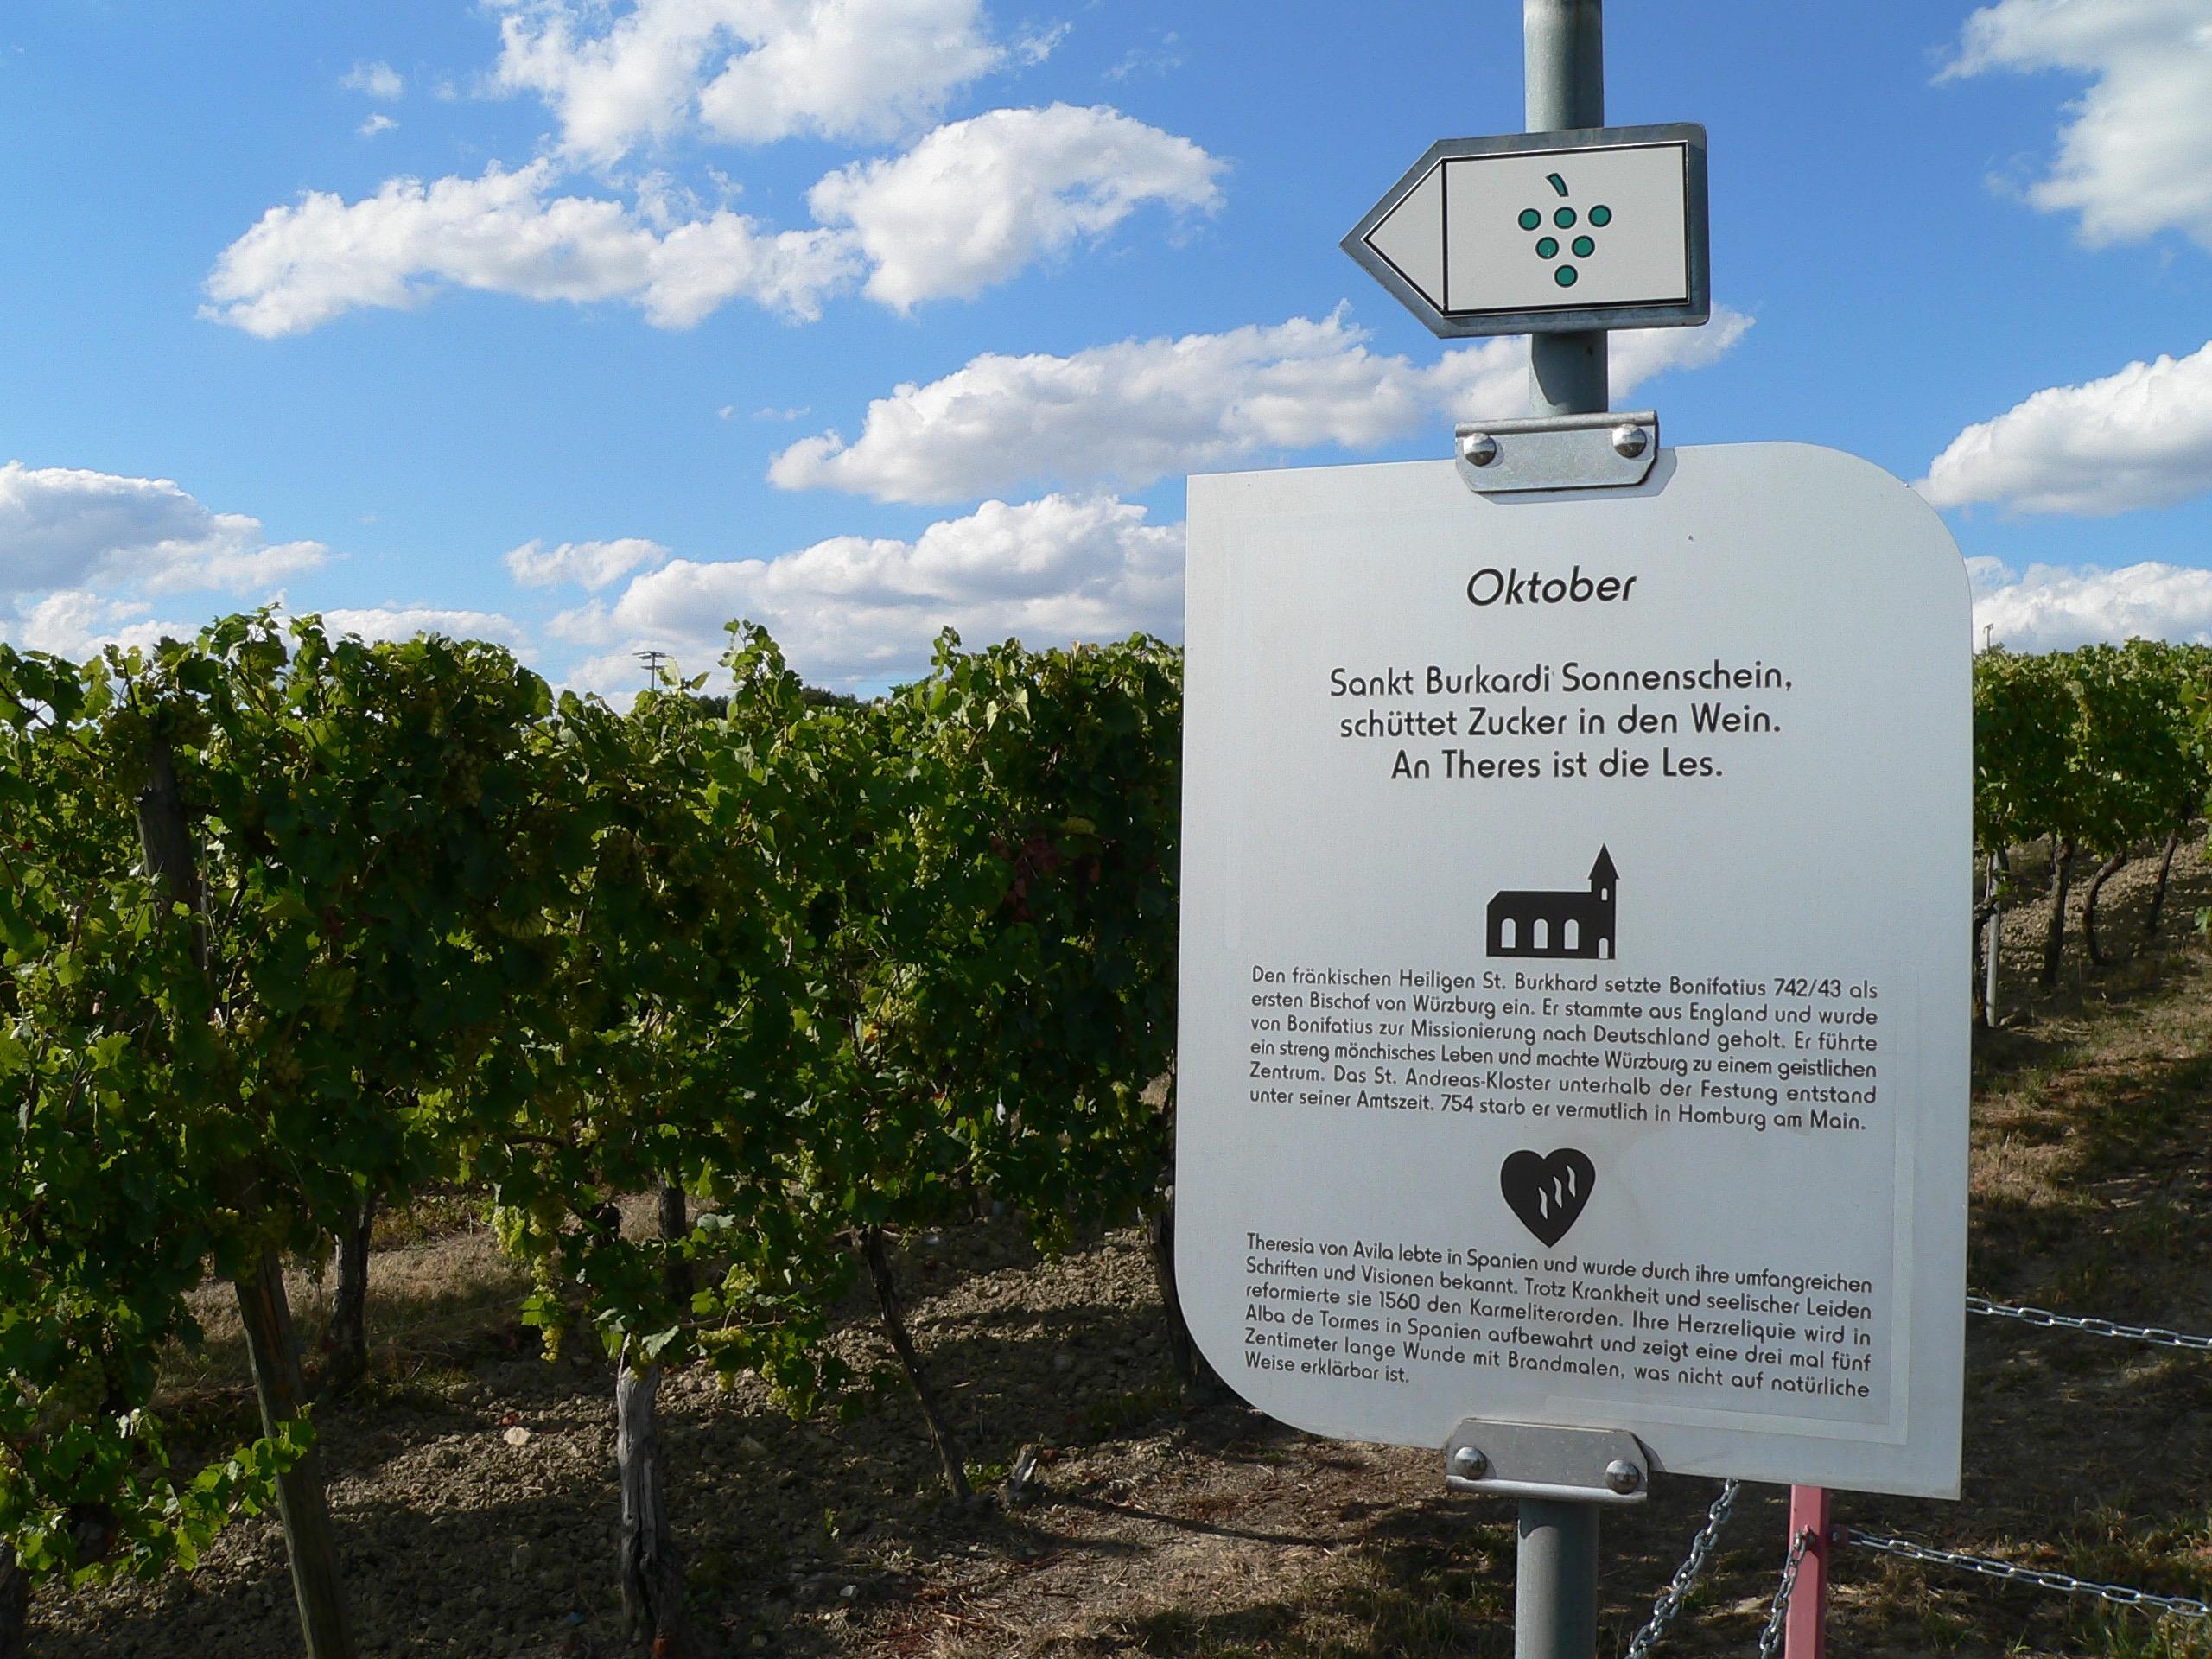 Zwölf Infotafeln weisen auf Bauernregeln im Zusammenhang mit Heiligengedenktagen hin. | Foto: B. Schneider